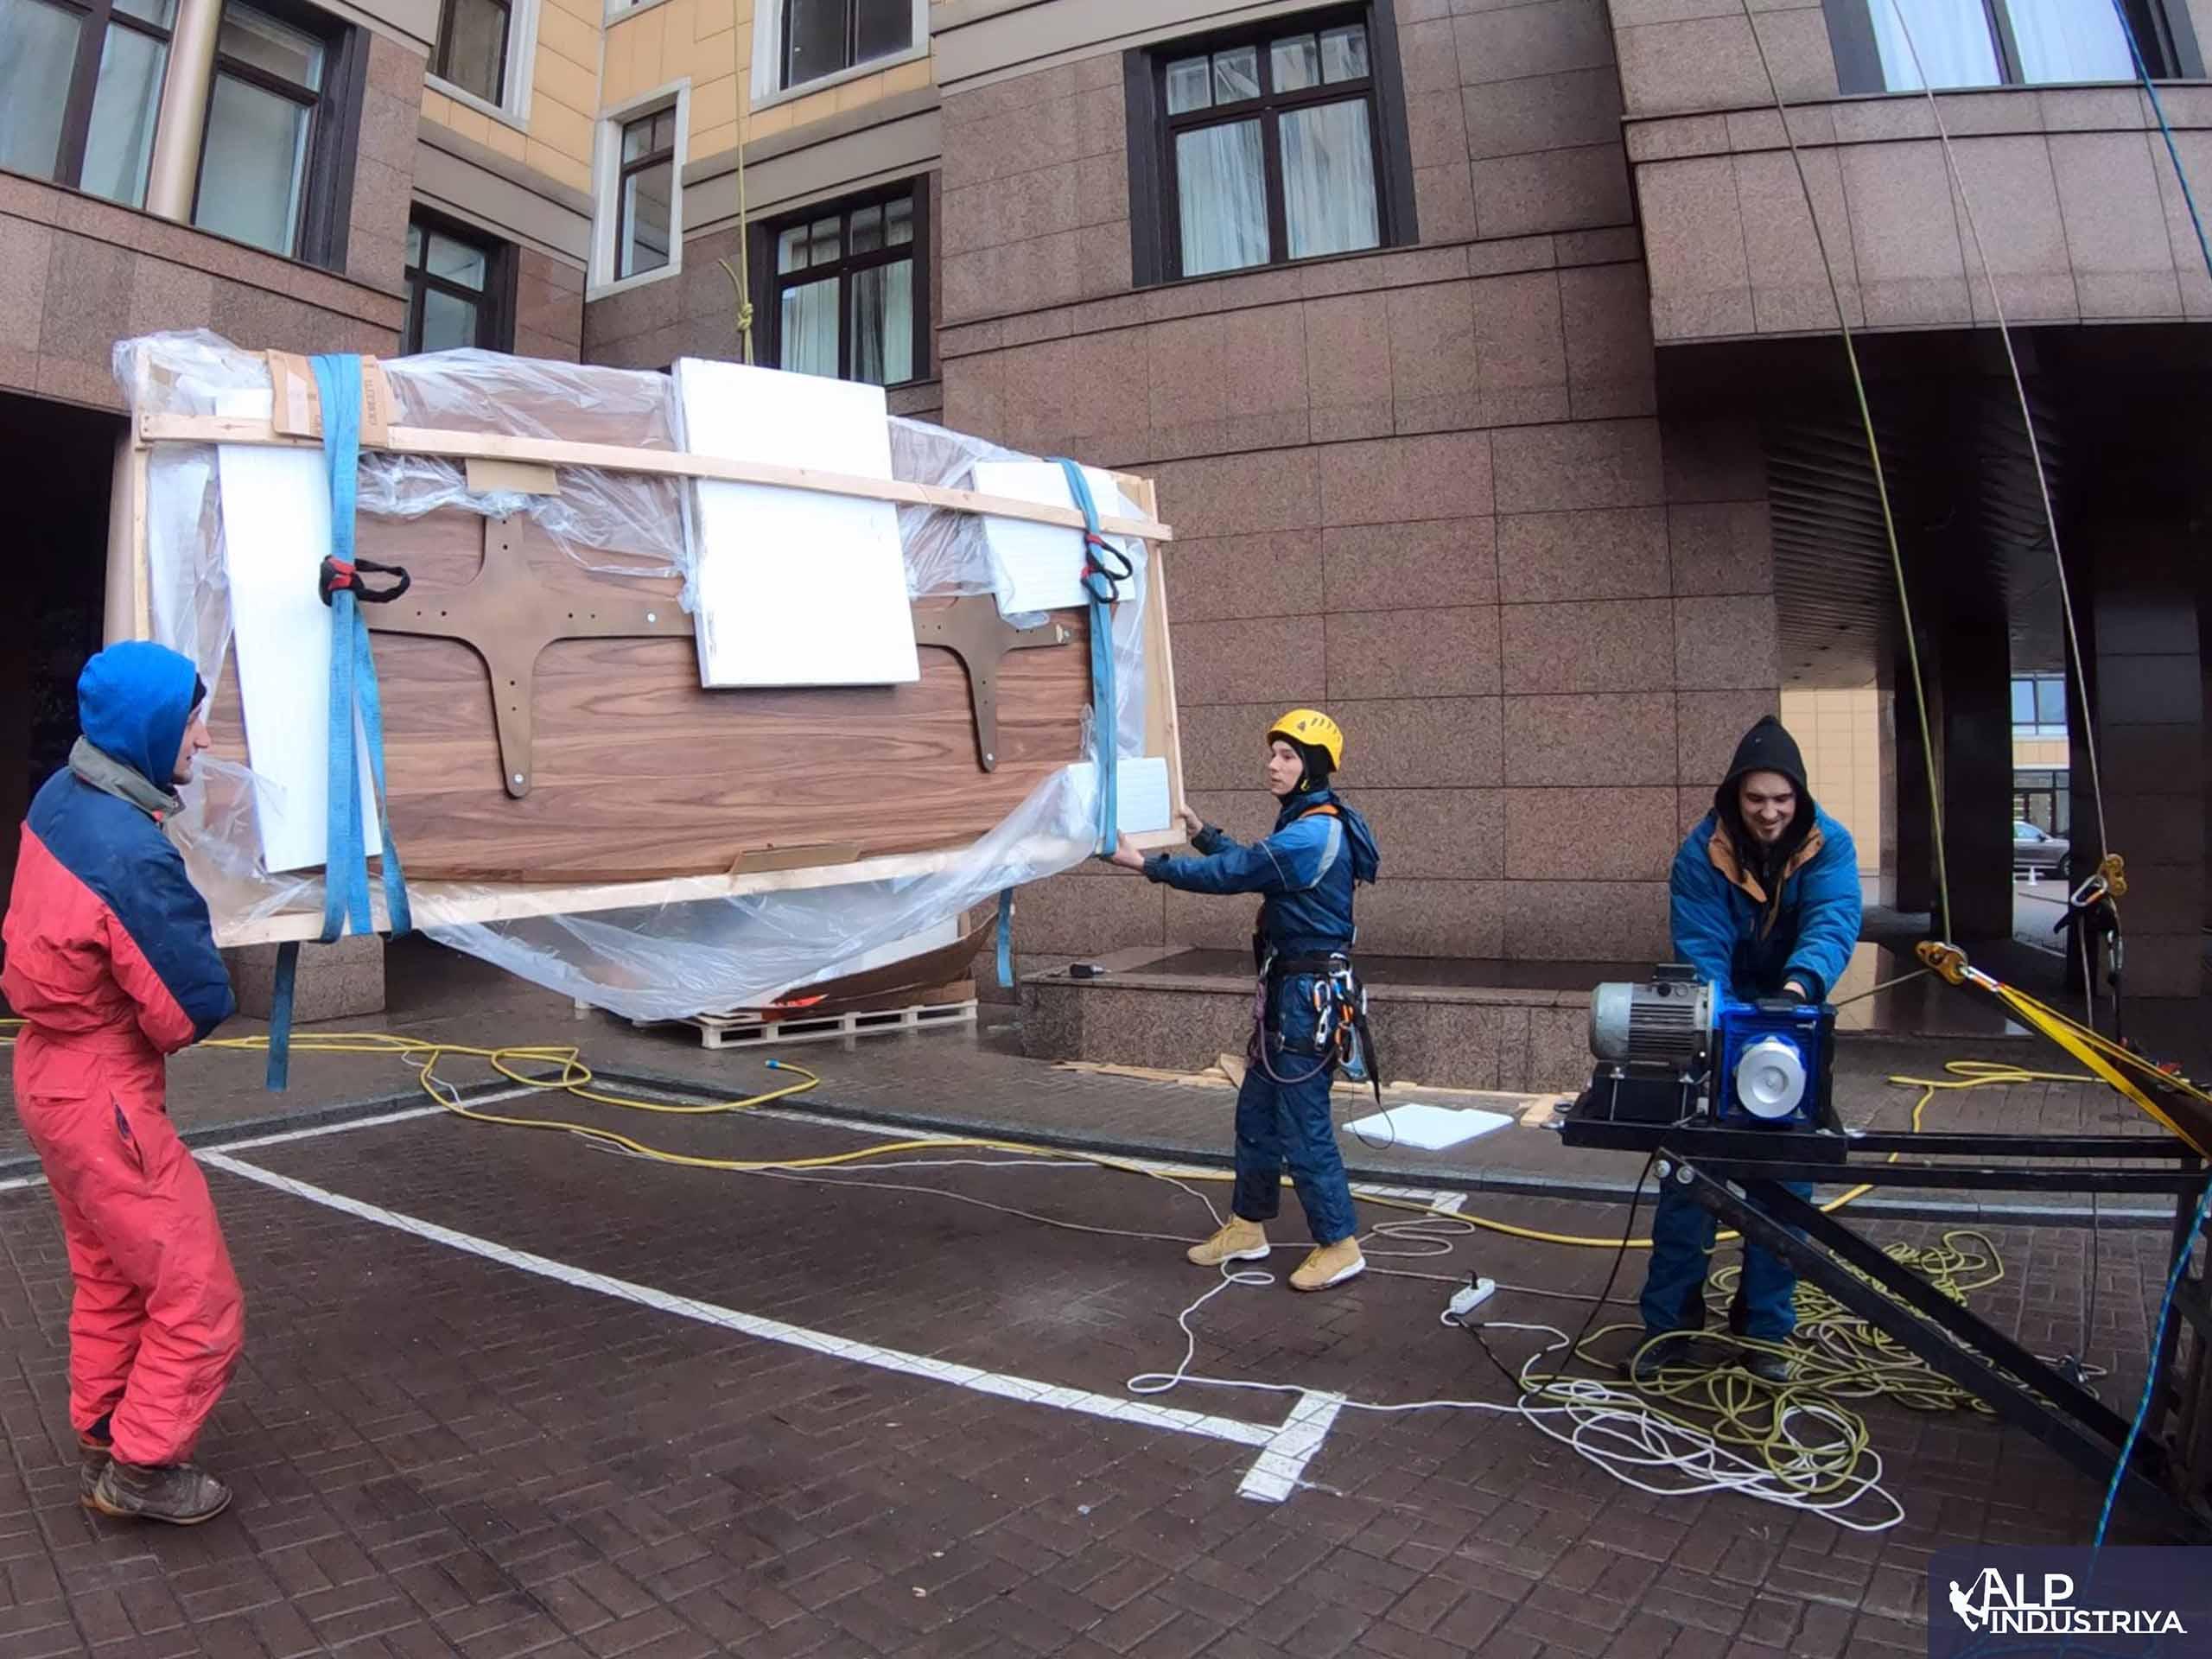 Поднимаем деревянную столешницу методом промышленного альпинизма-1